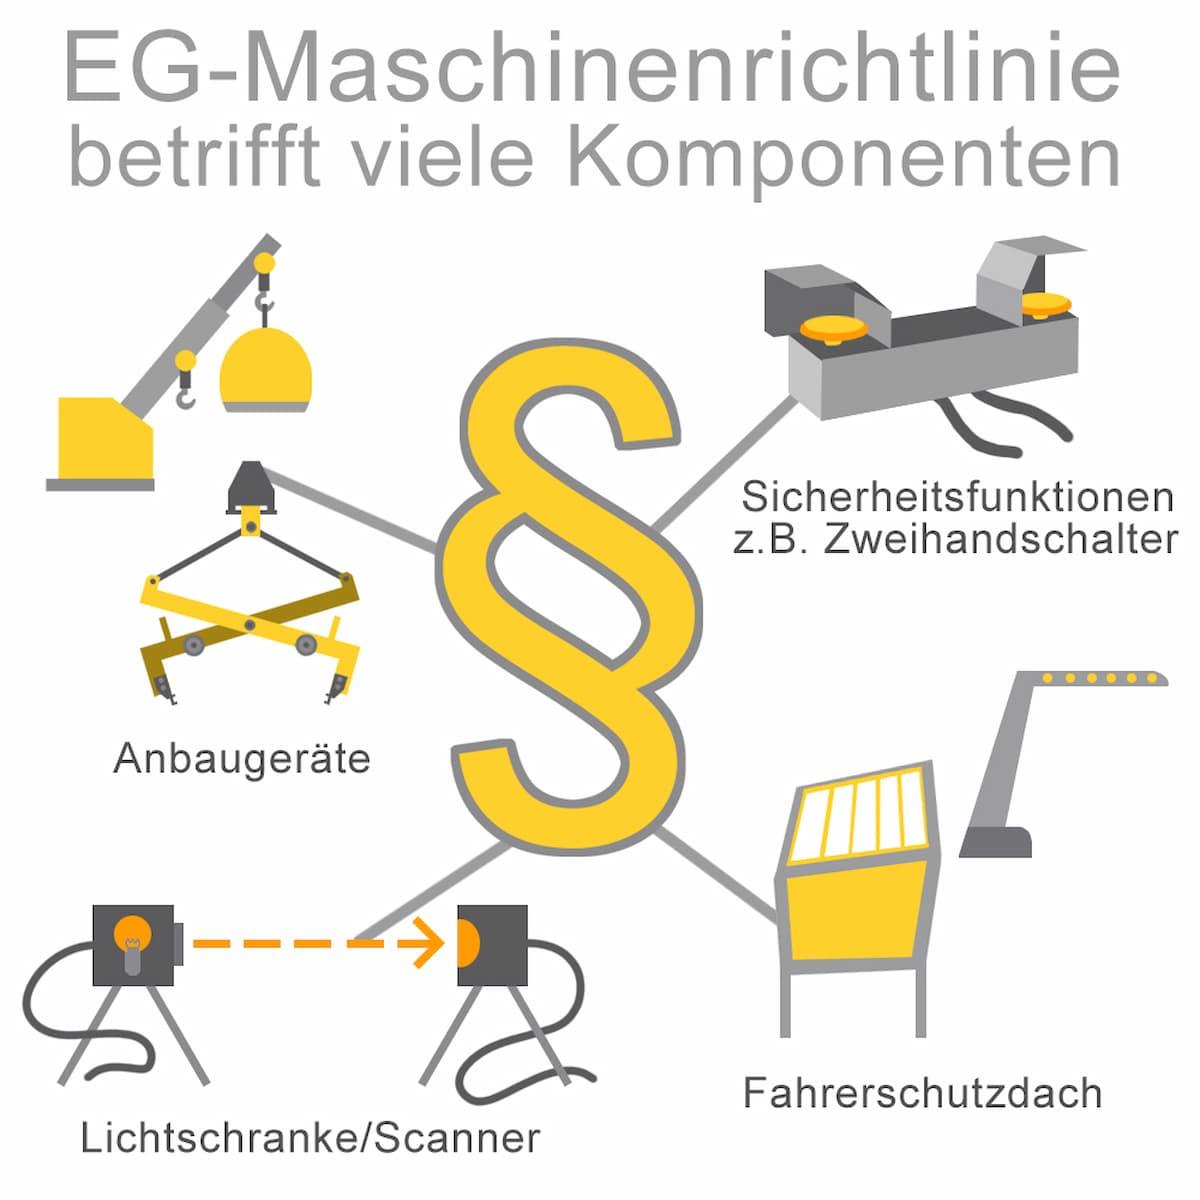 Die EG-Maschinenrichtlinie muss erfüllt werden